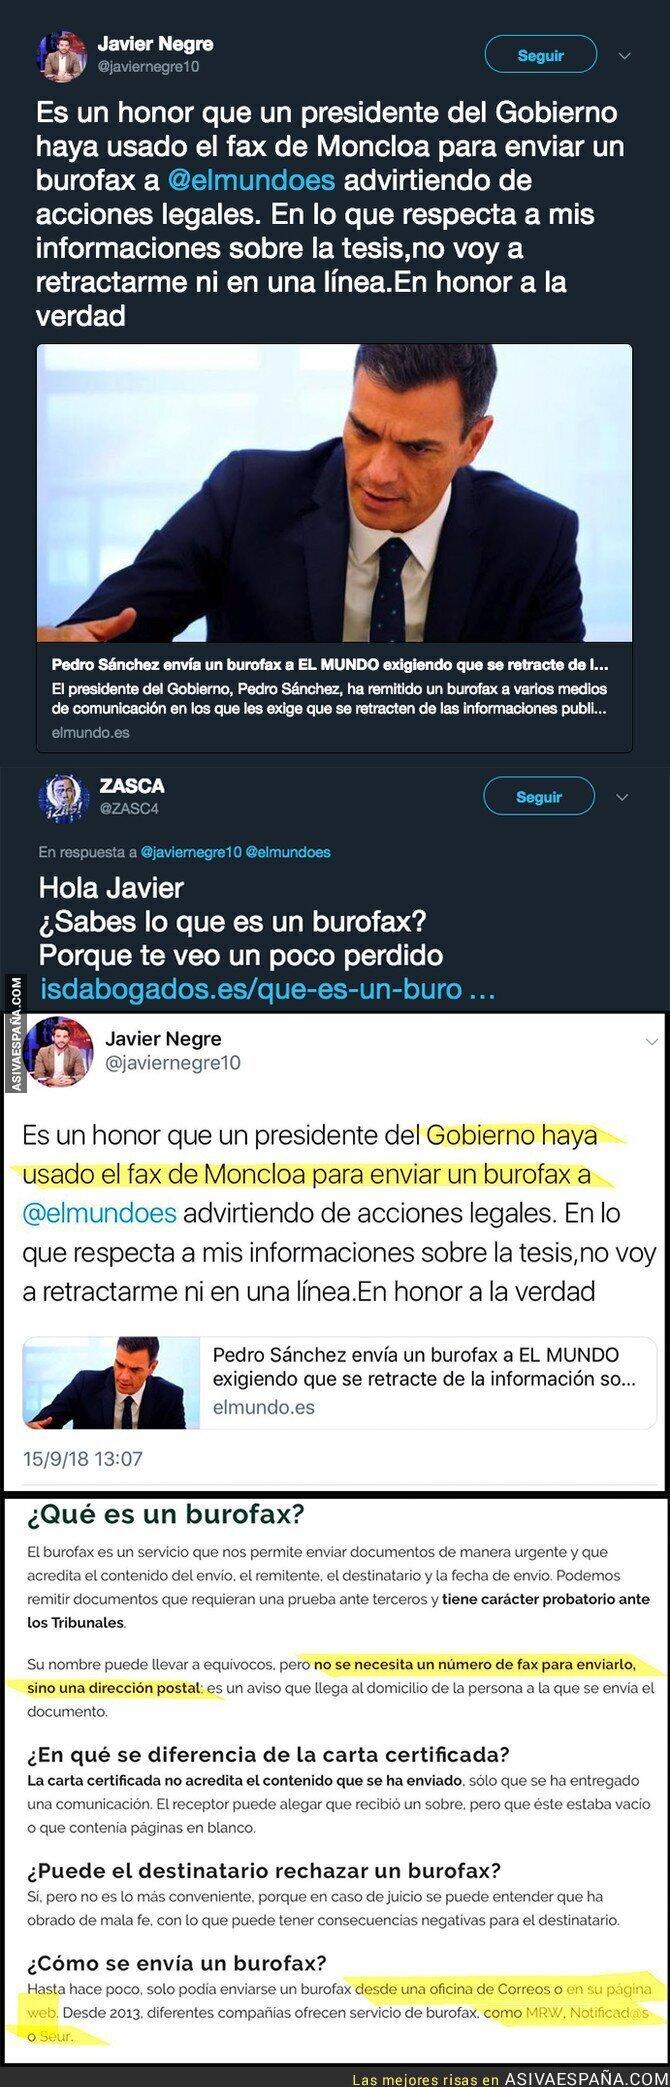 93247 - El periodista Javier Negre intenta ir dando lecciones a Pedro Sánchez y no sabe ni los conceptos básicos